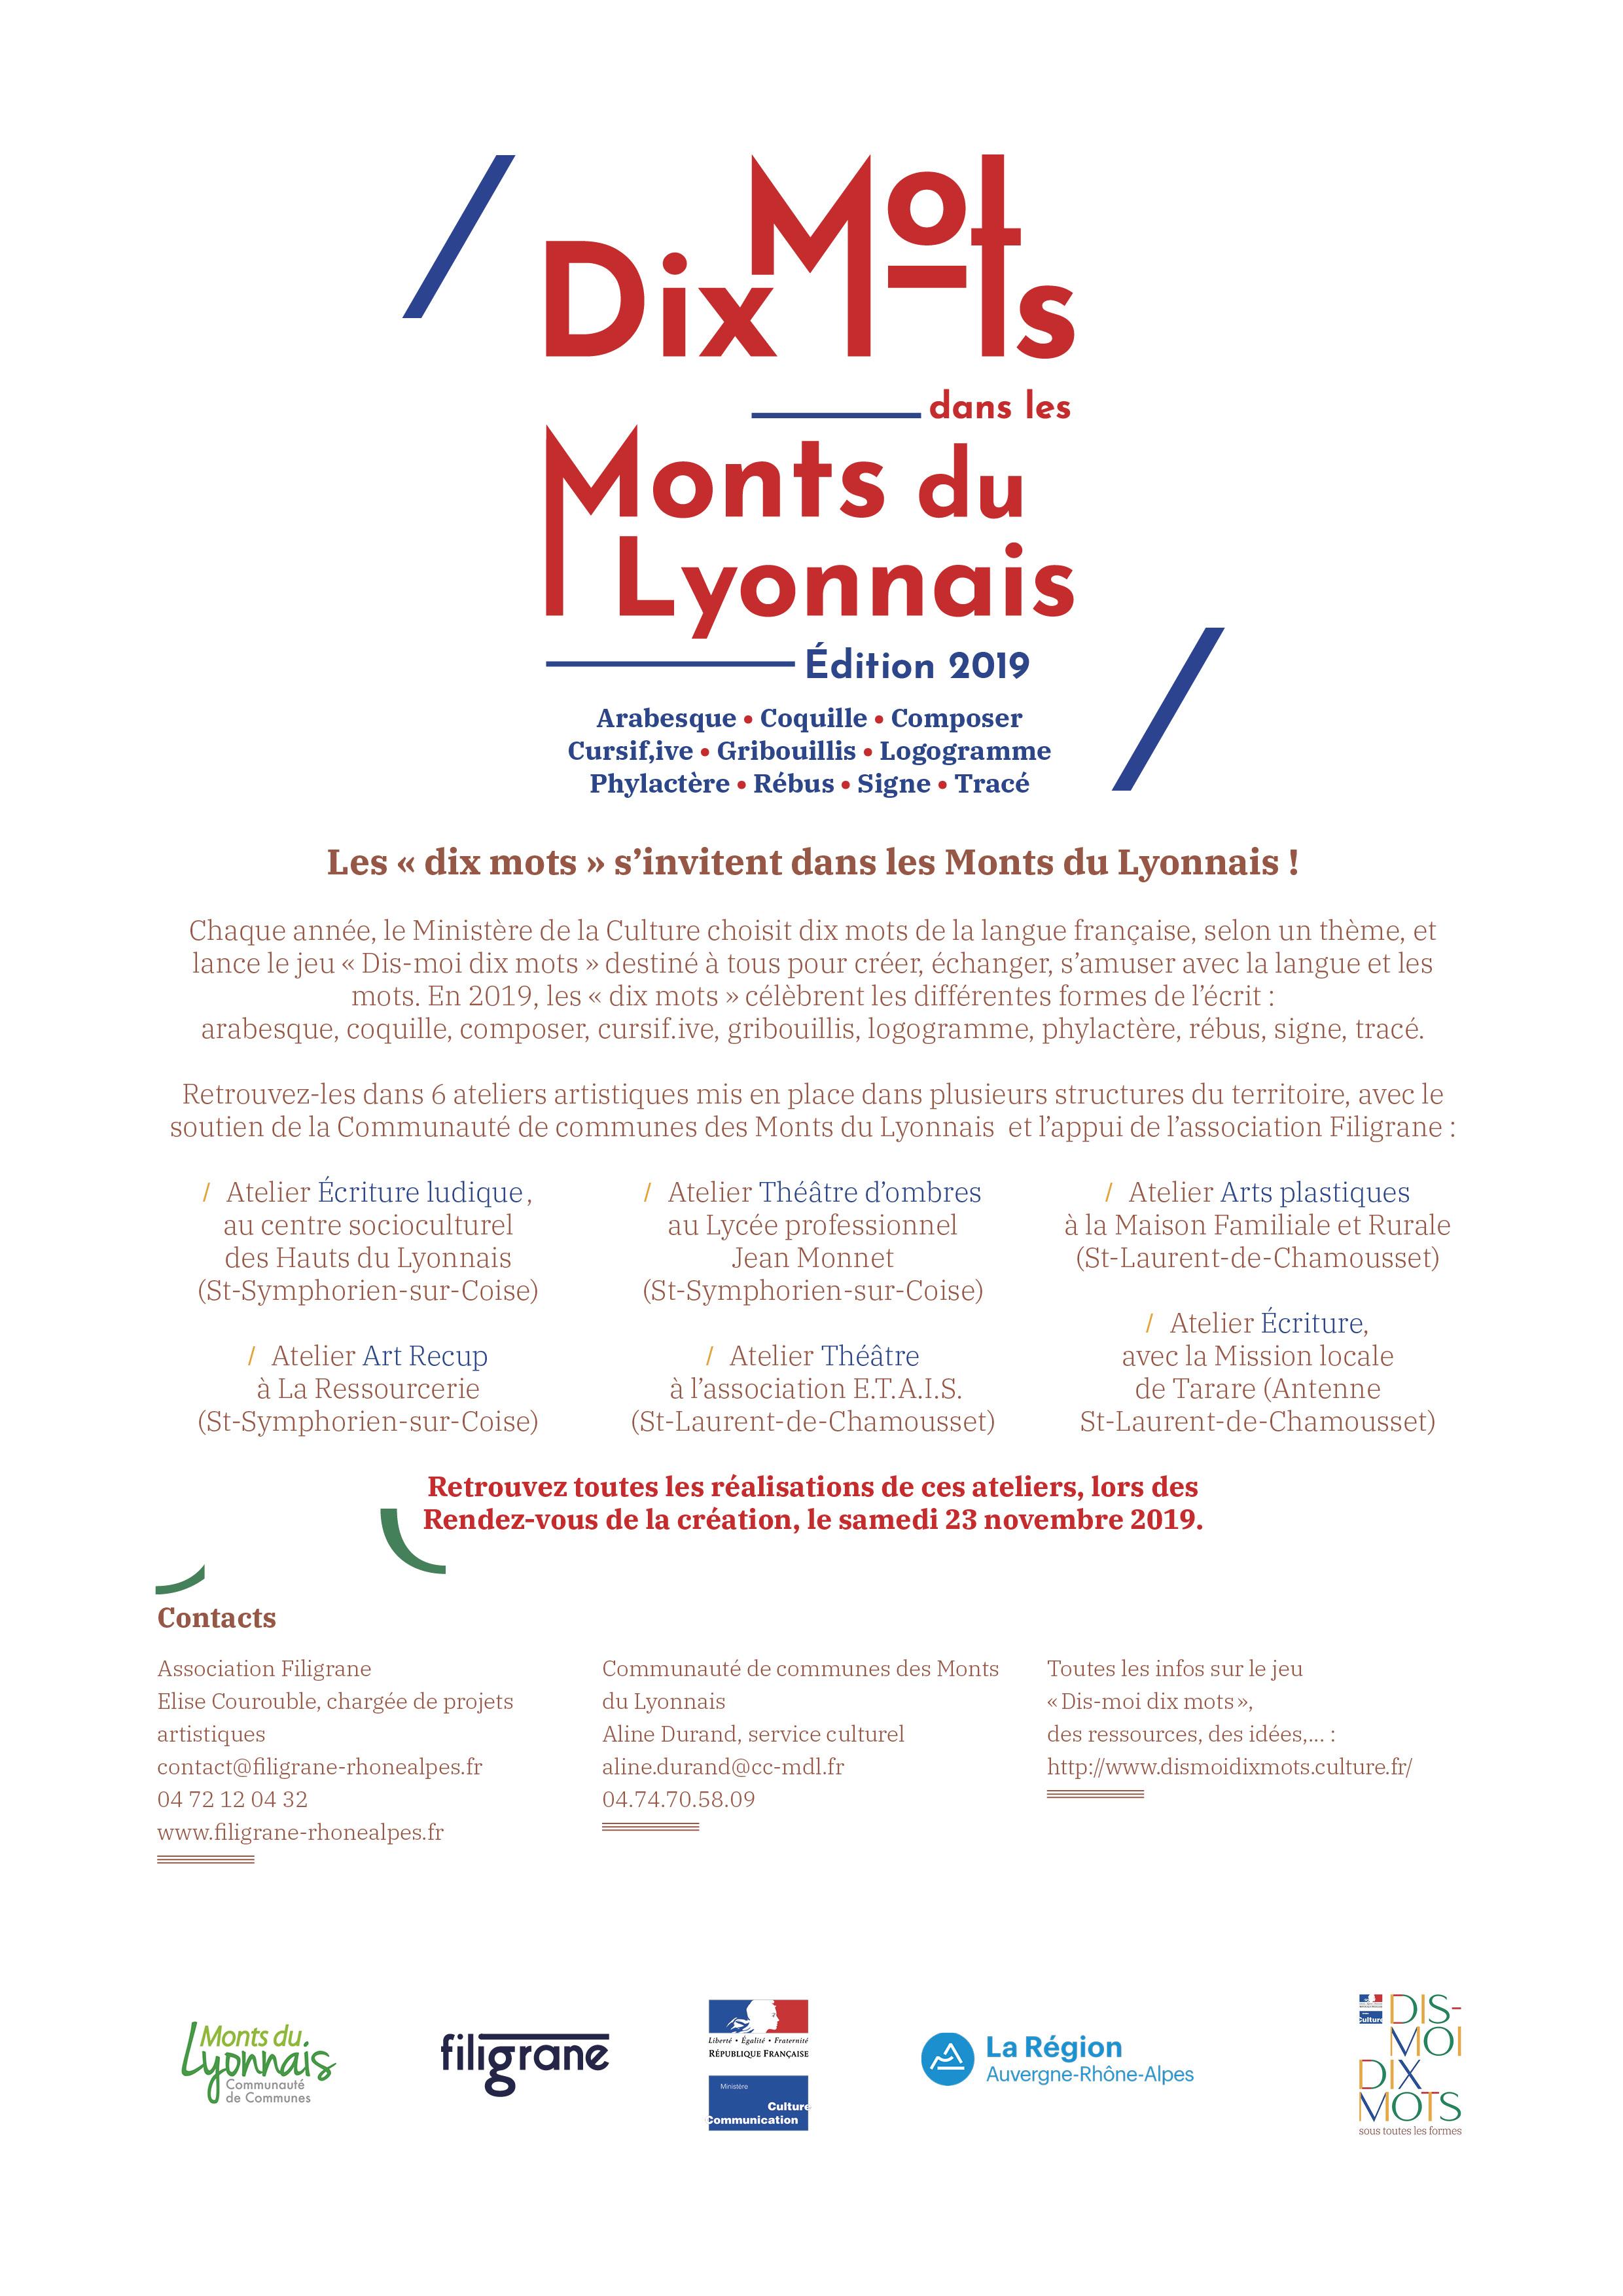 Monts du Lyonnais 2019 VD